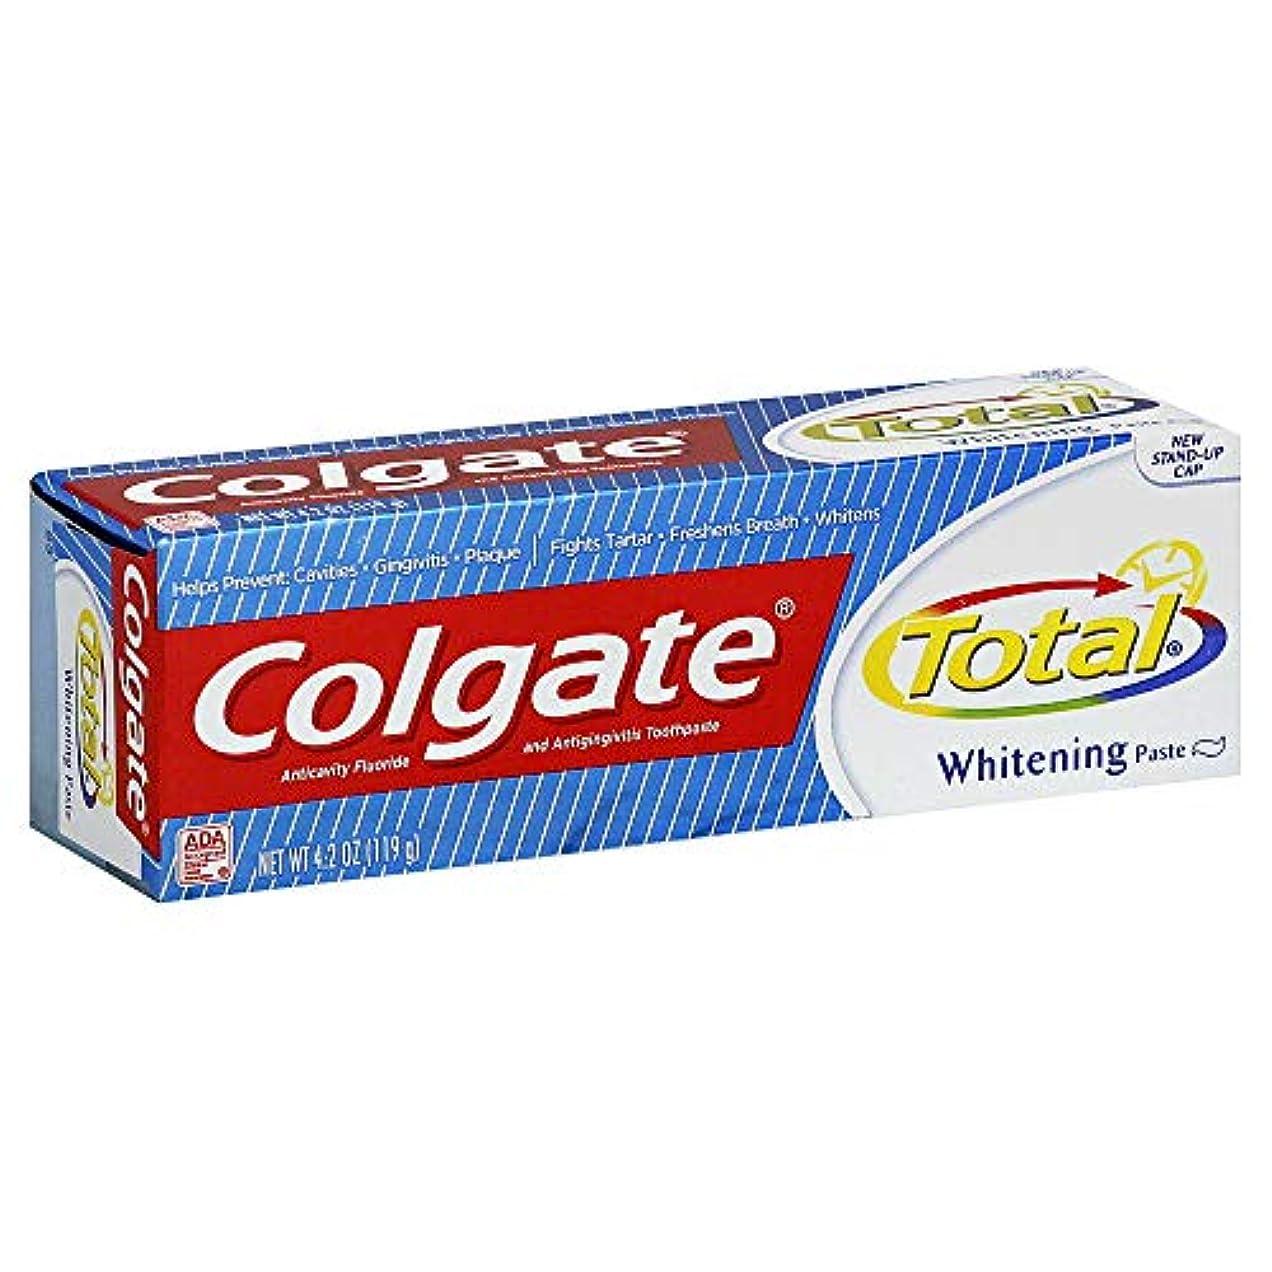 衝突コースアピール廃止Colgate 総歯磨きプラスホワイトニング貼り付け4.20オズ(4パック) 4パック